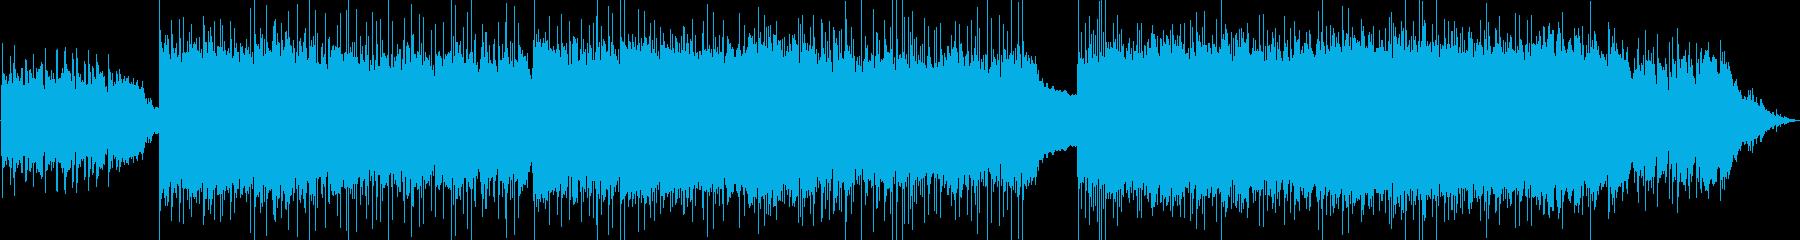 スローテンポで重いギターサウンドの再生済みの波形